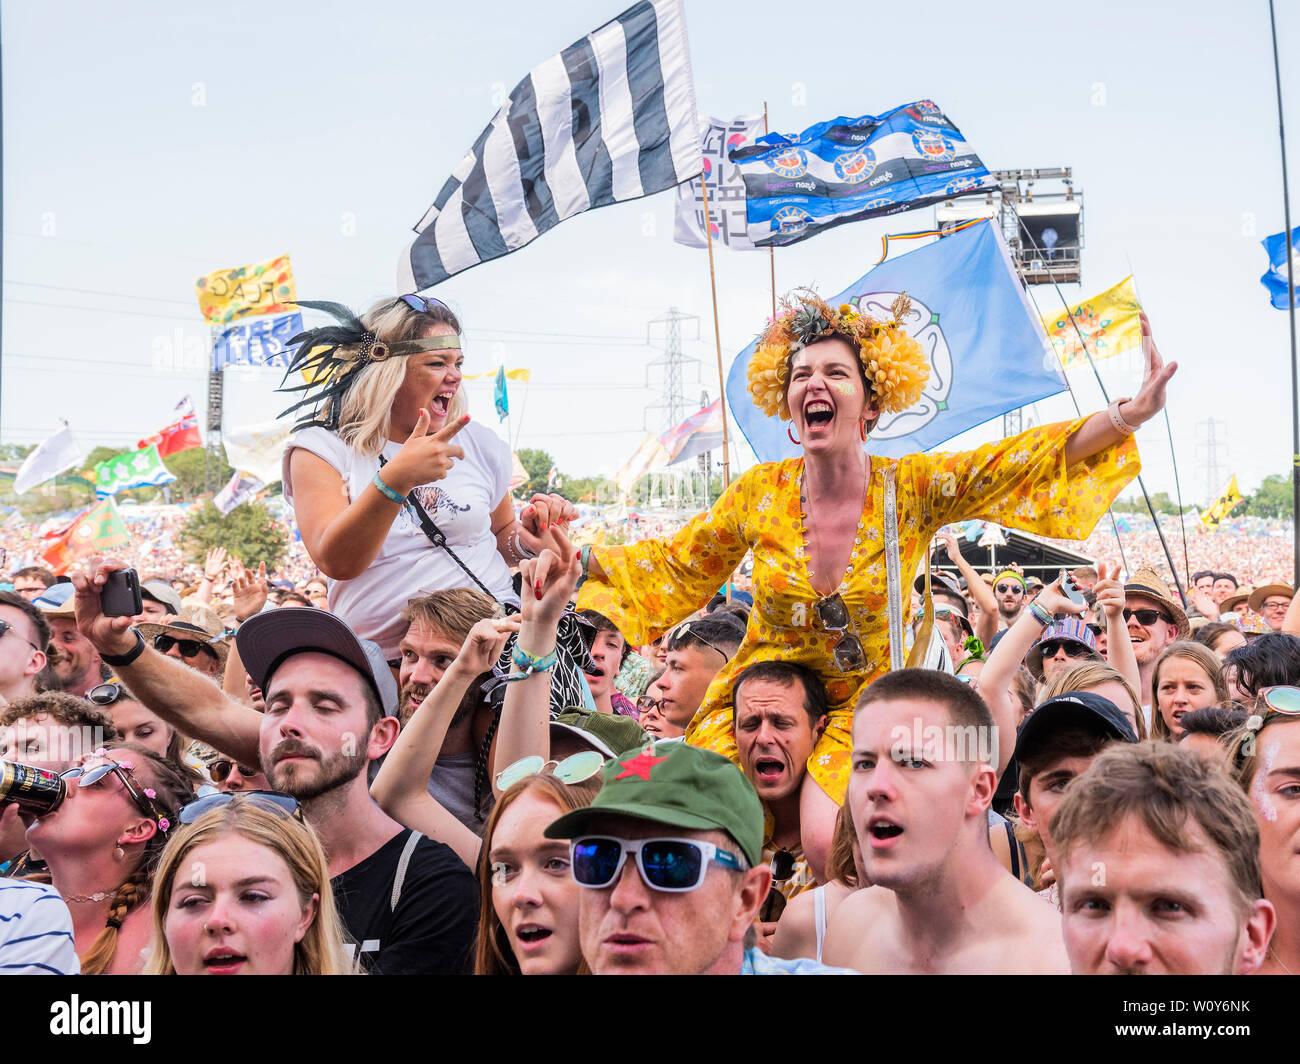 Pilton, Somerset, UK. 28. Juni 2019. Bastille spielen die Pyramide Stufe - Die 2019 Glastonbury Festival, würdig, Bauernhof, Glastonbury. Credit: Guy Bell/Alamy leben Nachrichten Stockfoto